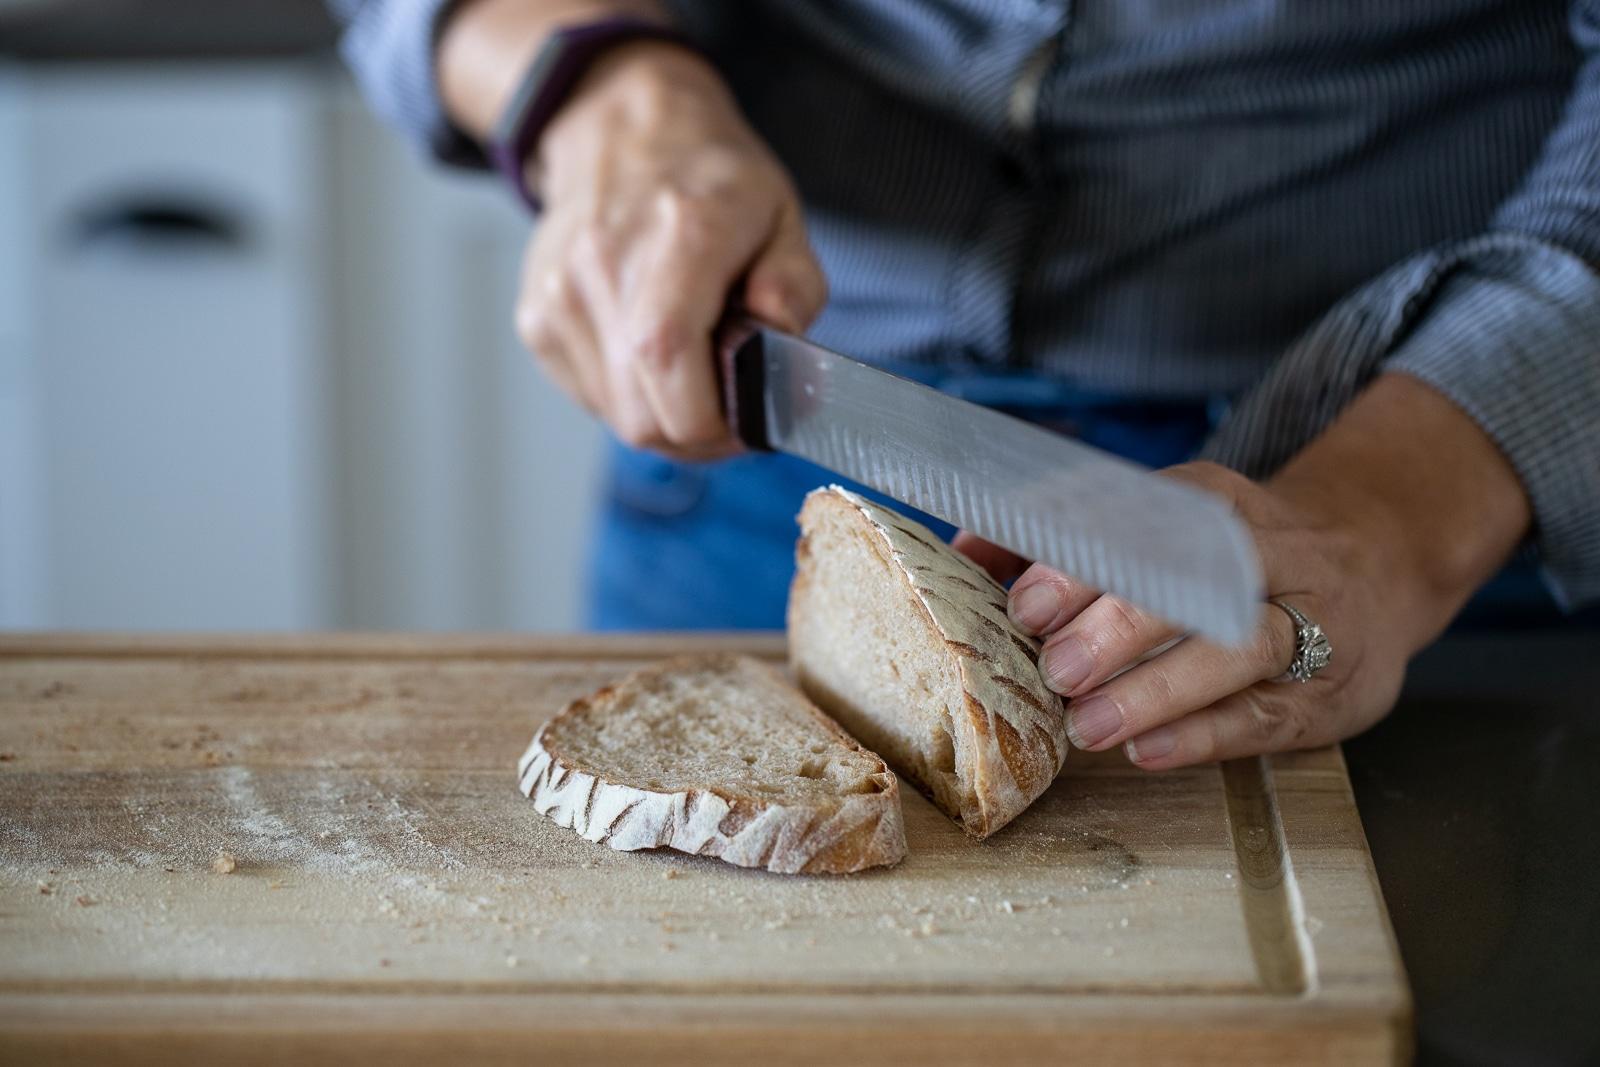 woman slicing sourdough bread on a wood cutting board.